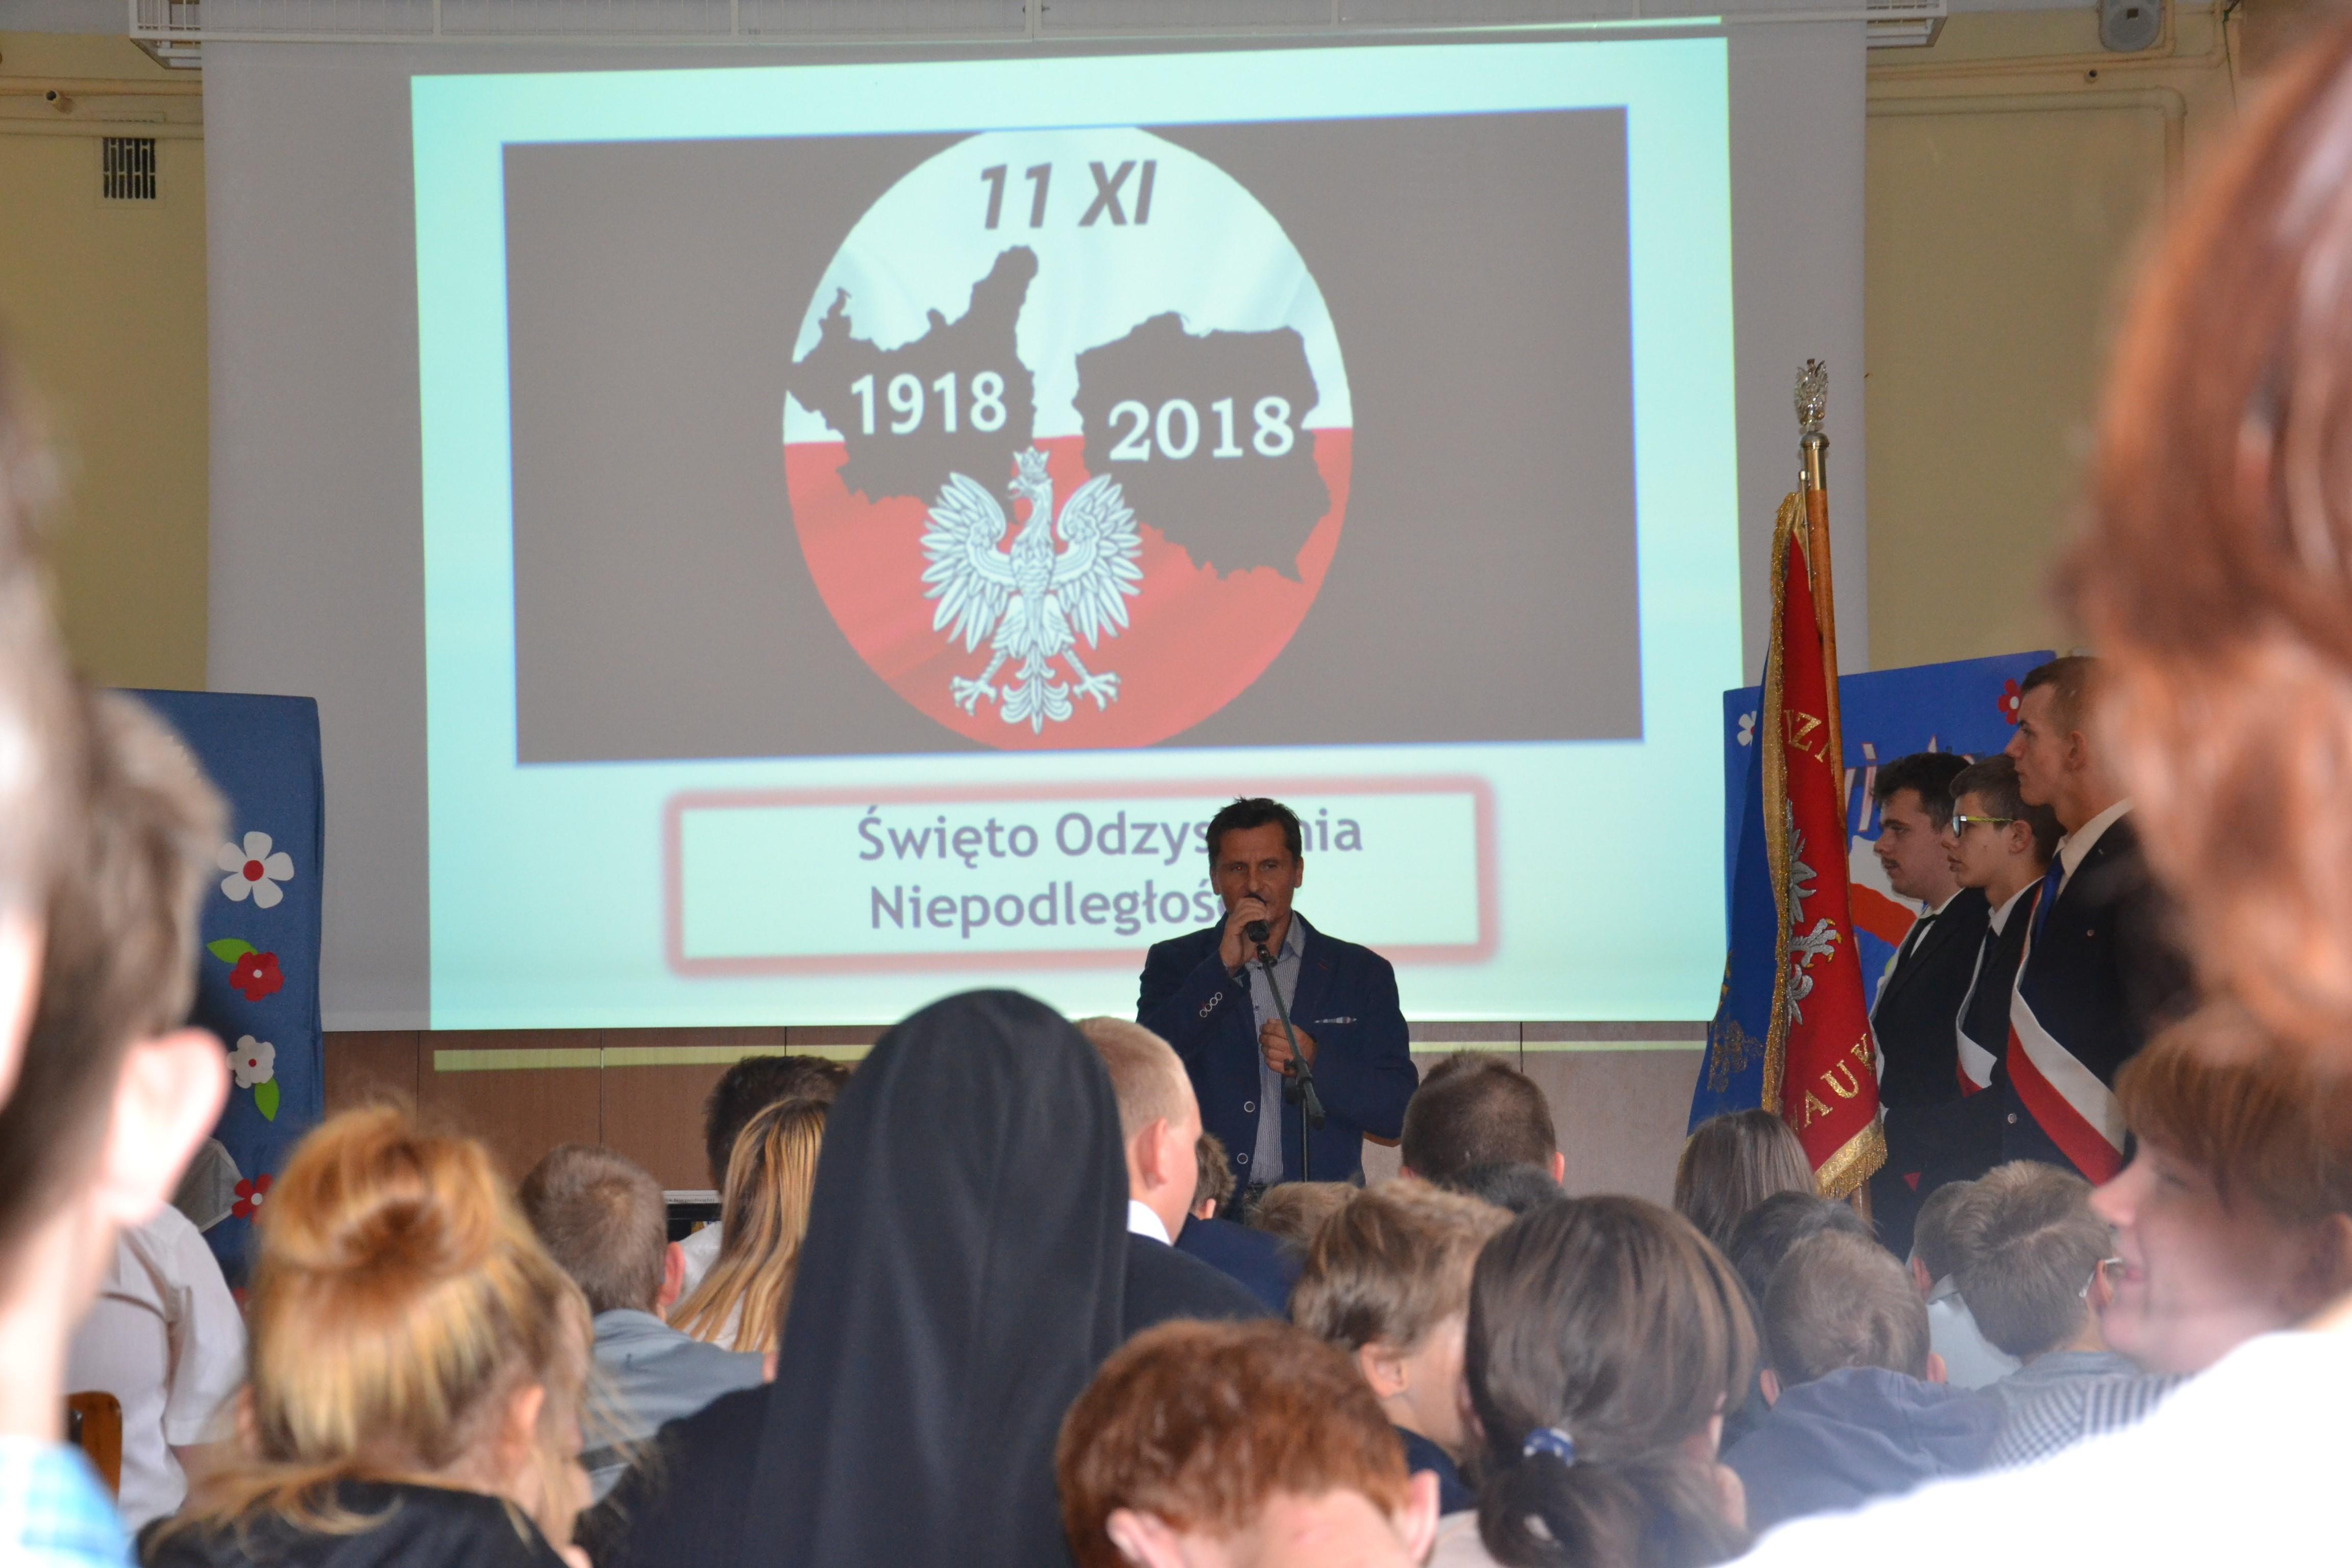 Uroczystości szkolne upamiętniające Święto Odzyskania Niepodległości